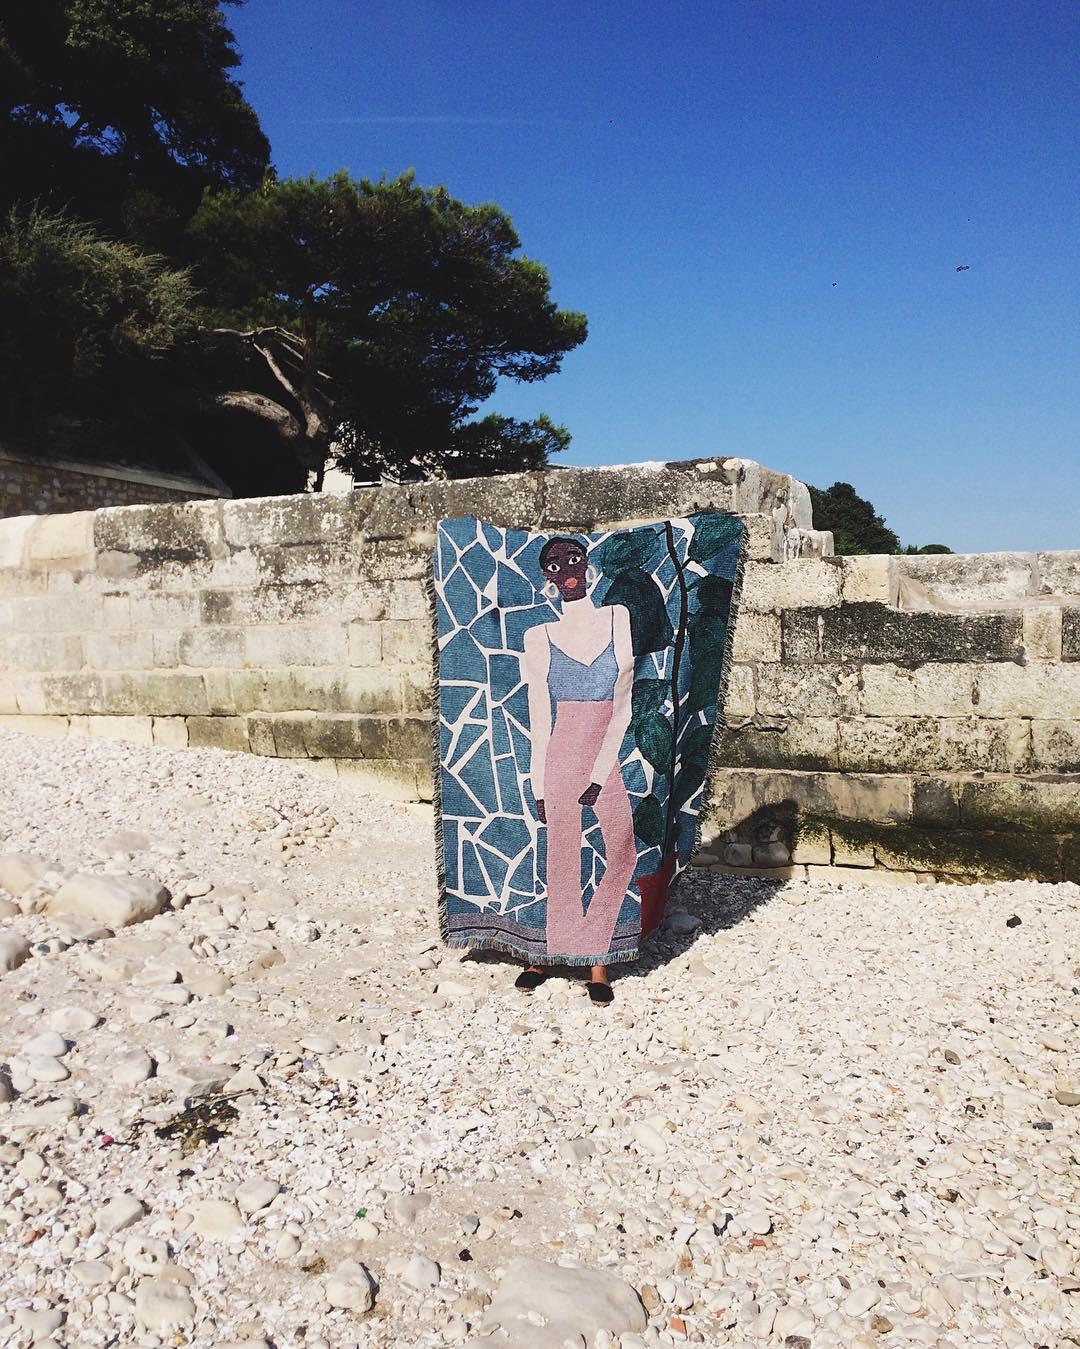 Teinture de la première peinture sur un format à taille humaine, porté à bout de bras par une personne cachée par la teinture.